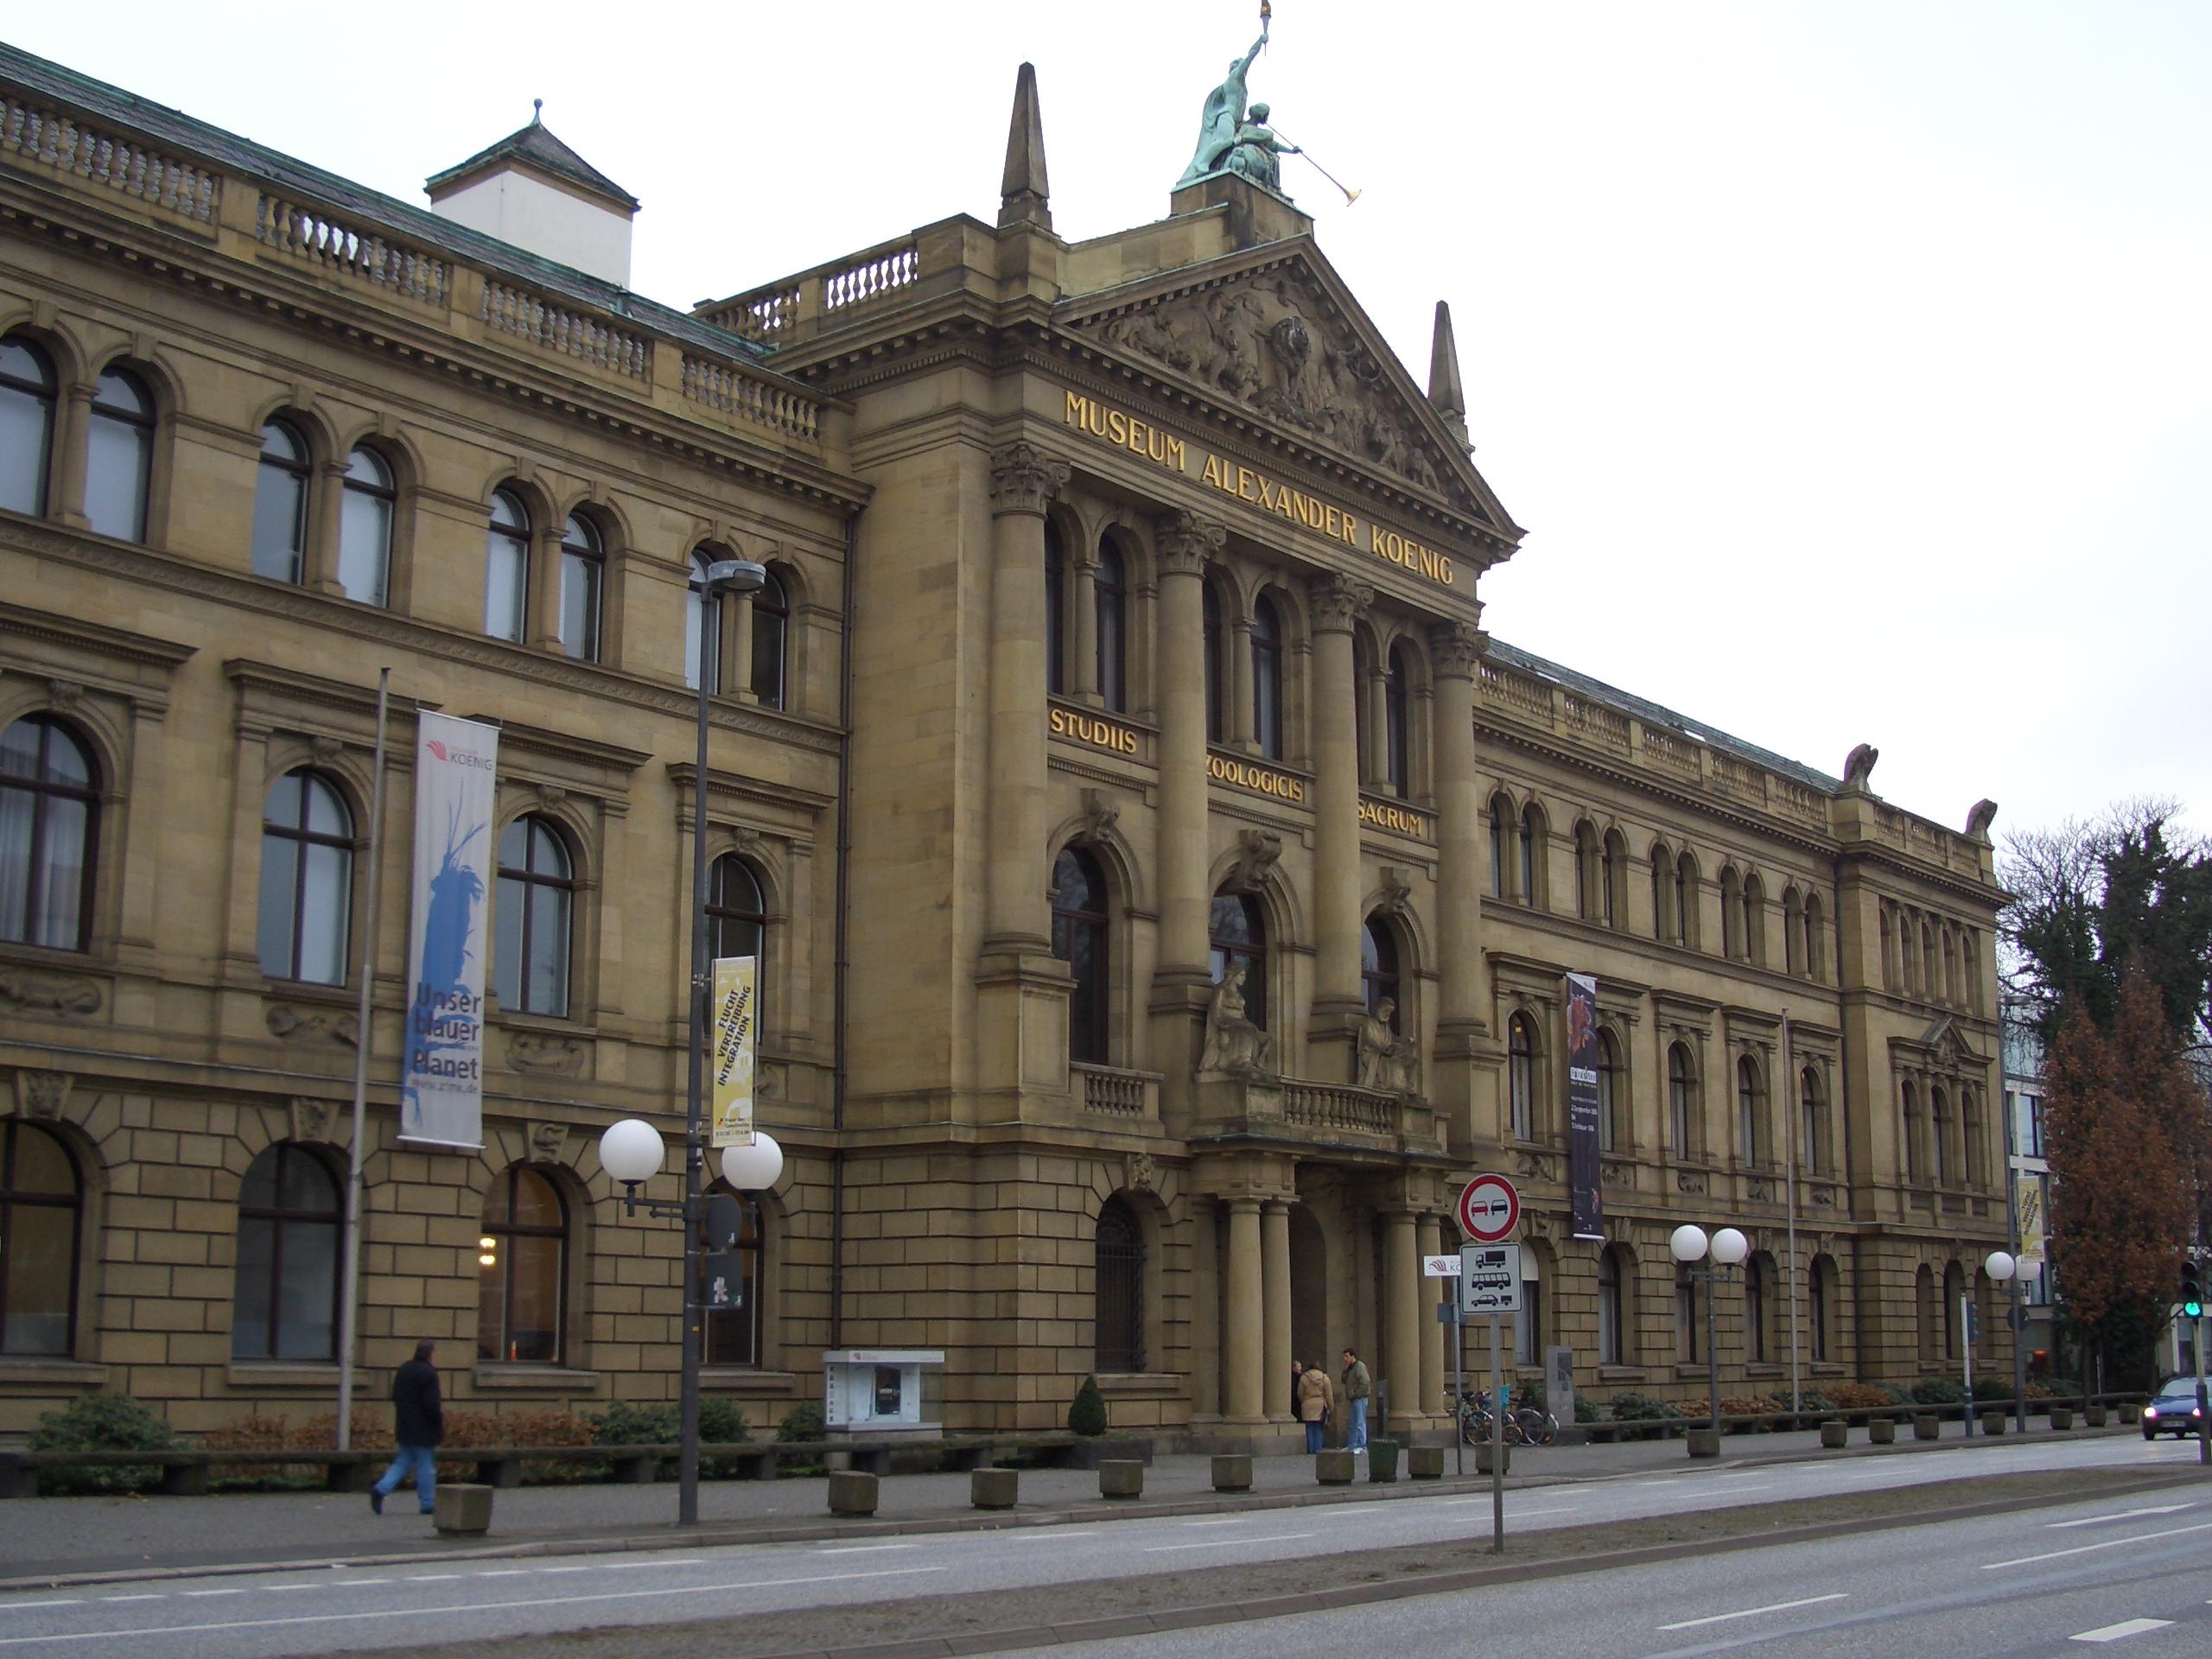 Museum Koenig in Bonn – Ort der Eröffnungsfeier des Parlamentarischen Rates